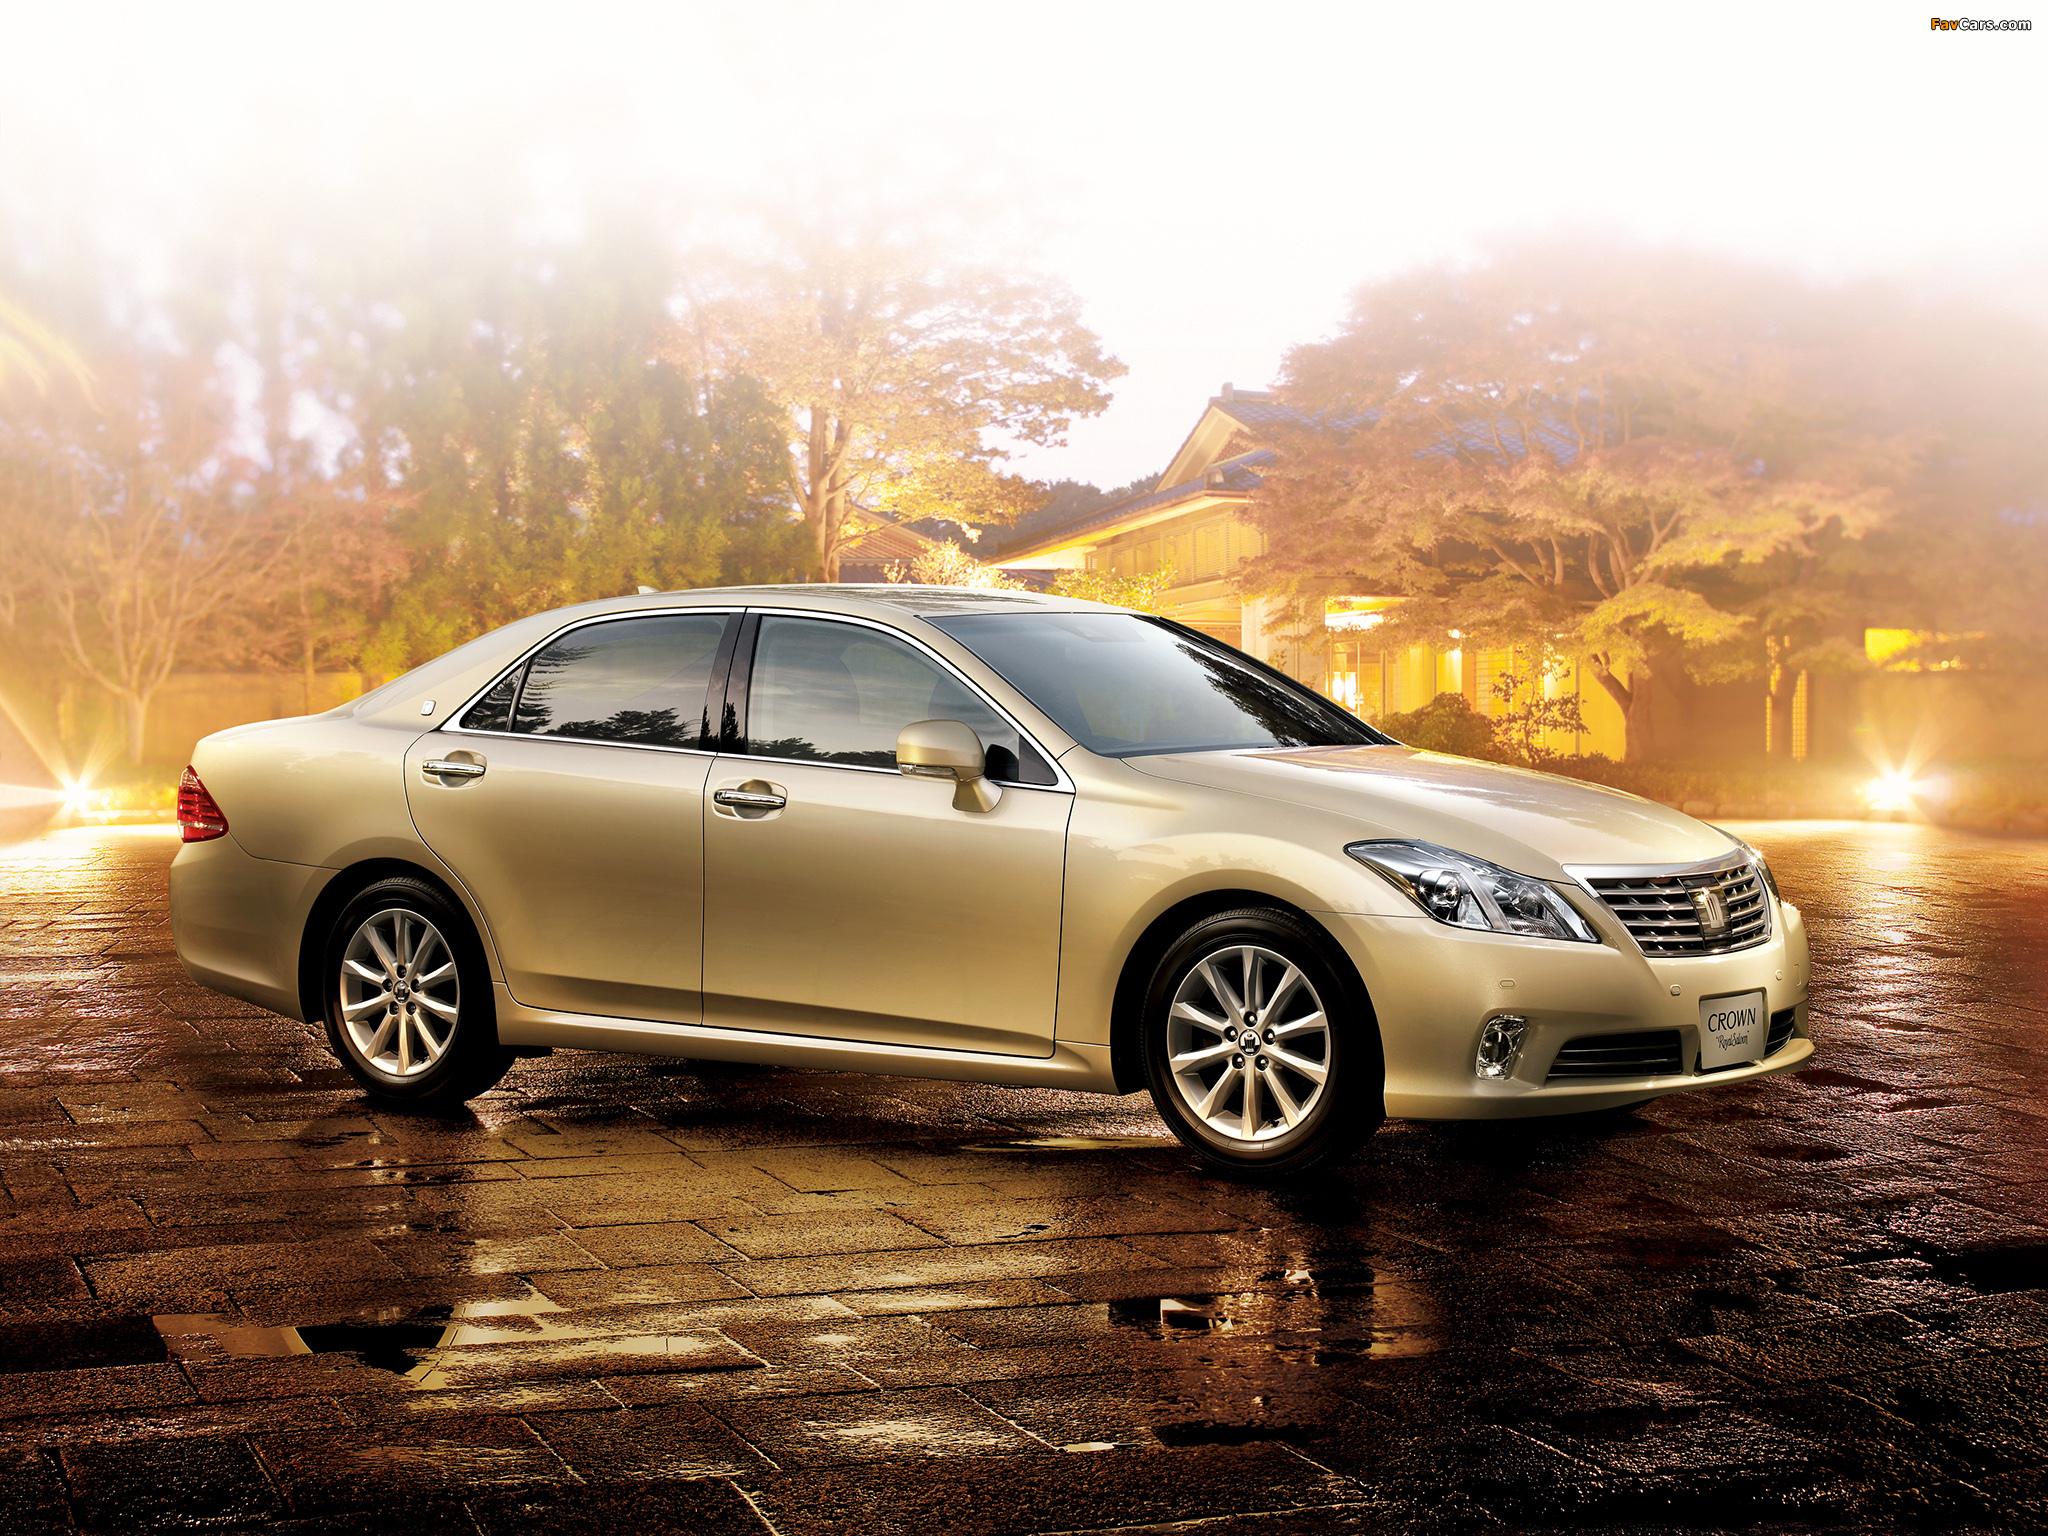 Toyota Crown royal #10